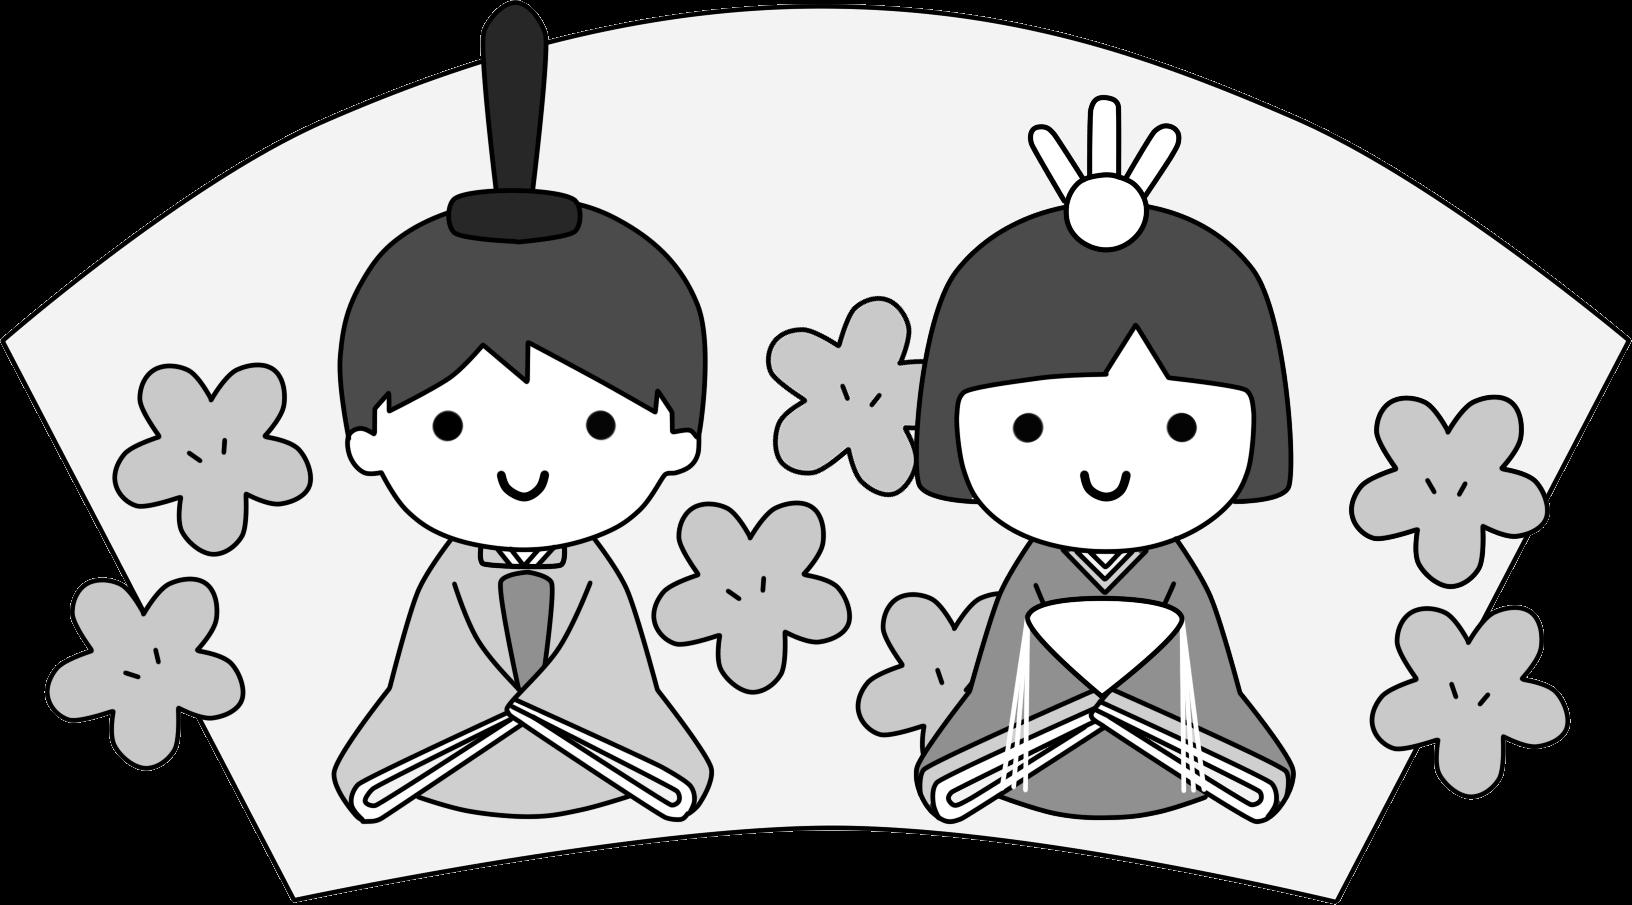 園児のお内裏様とお雛様白黒・モノクロ / 保育イラスト | 可愛い無料